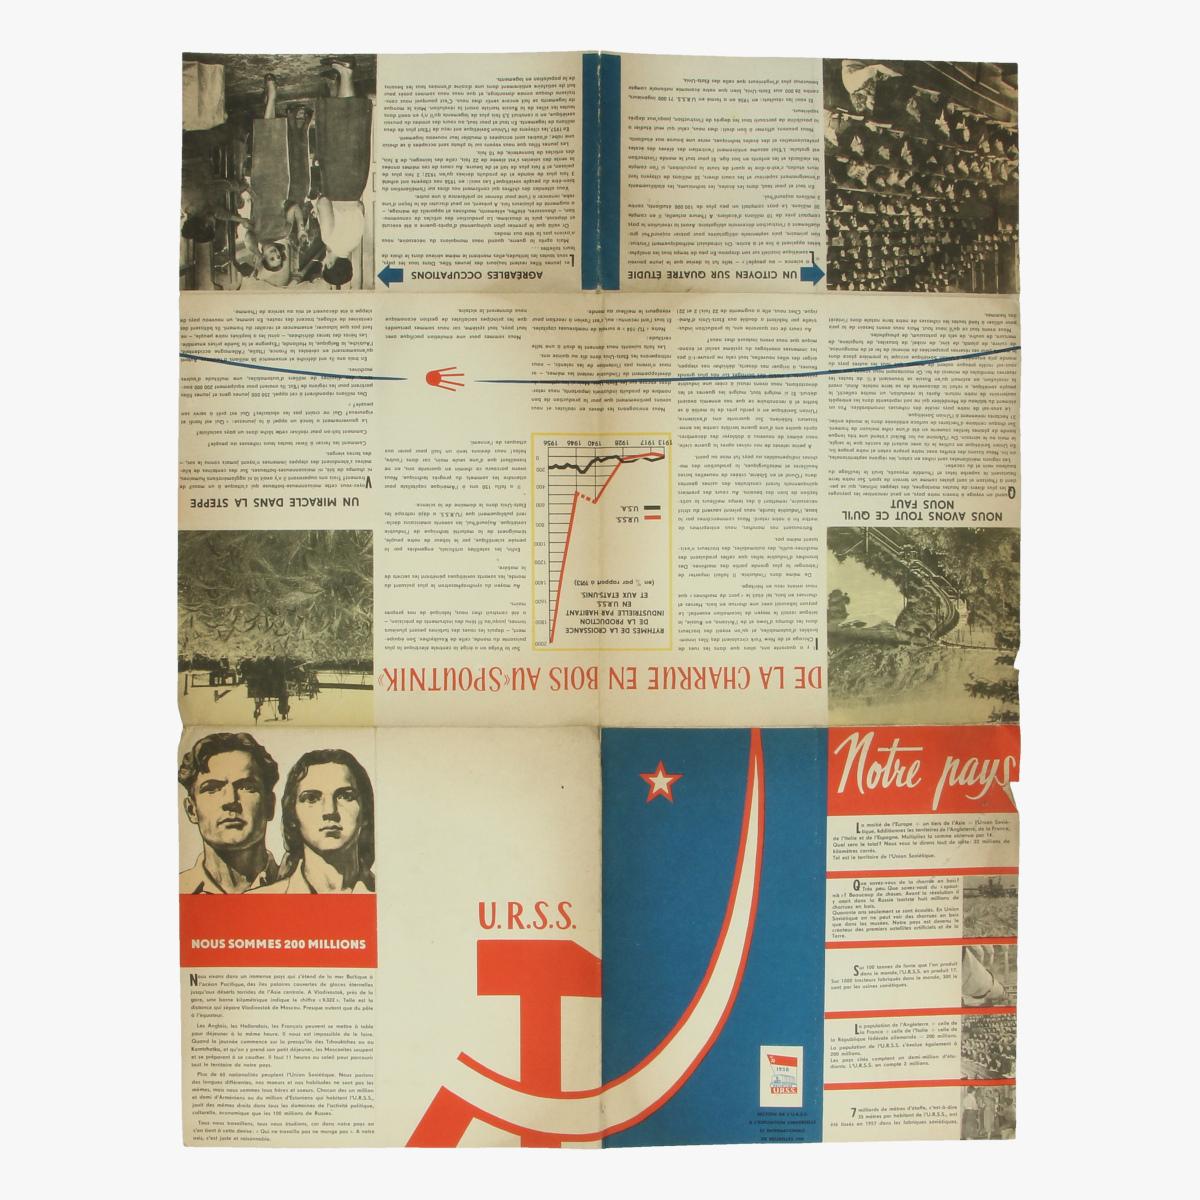 Afbeeldingen van expo 58 section de l' u.r.s.s a l' exposition universelle et internationale de bxl